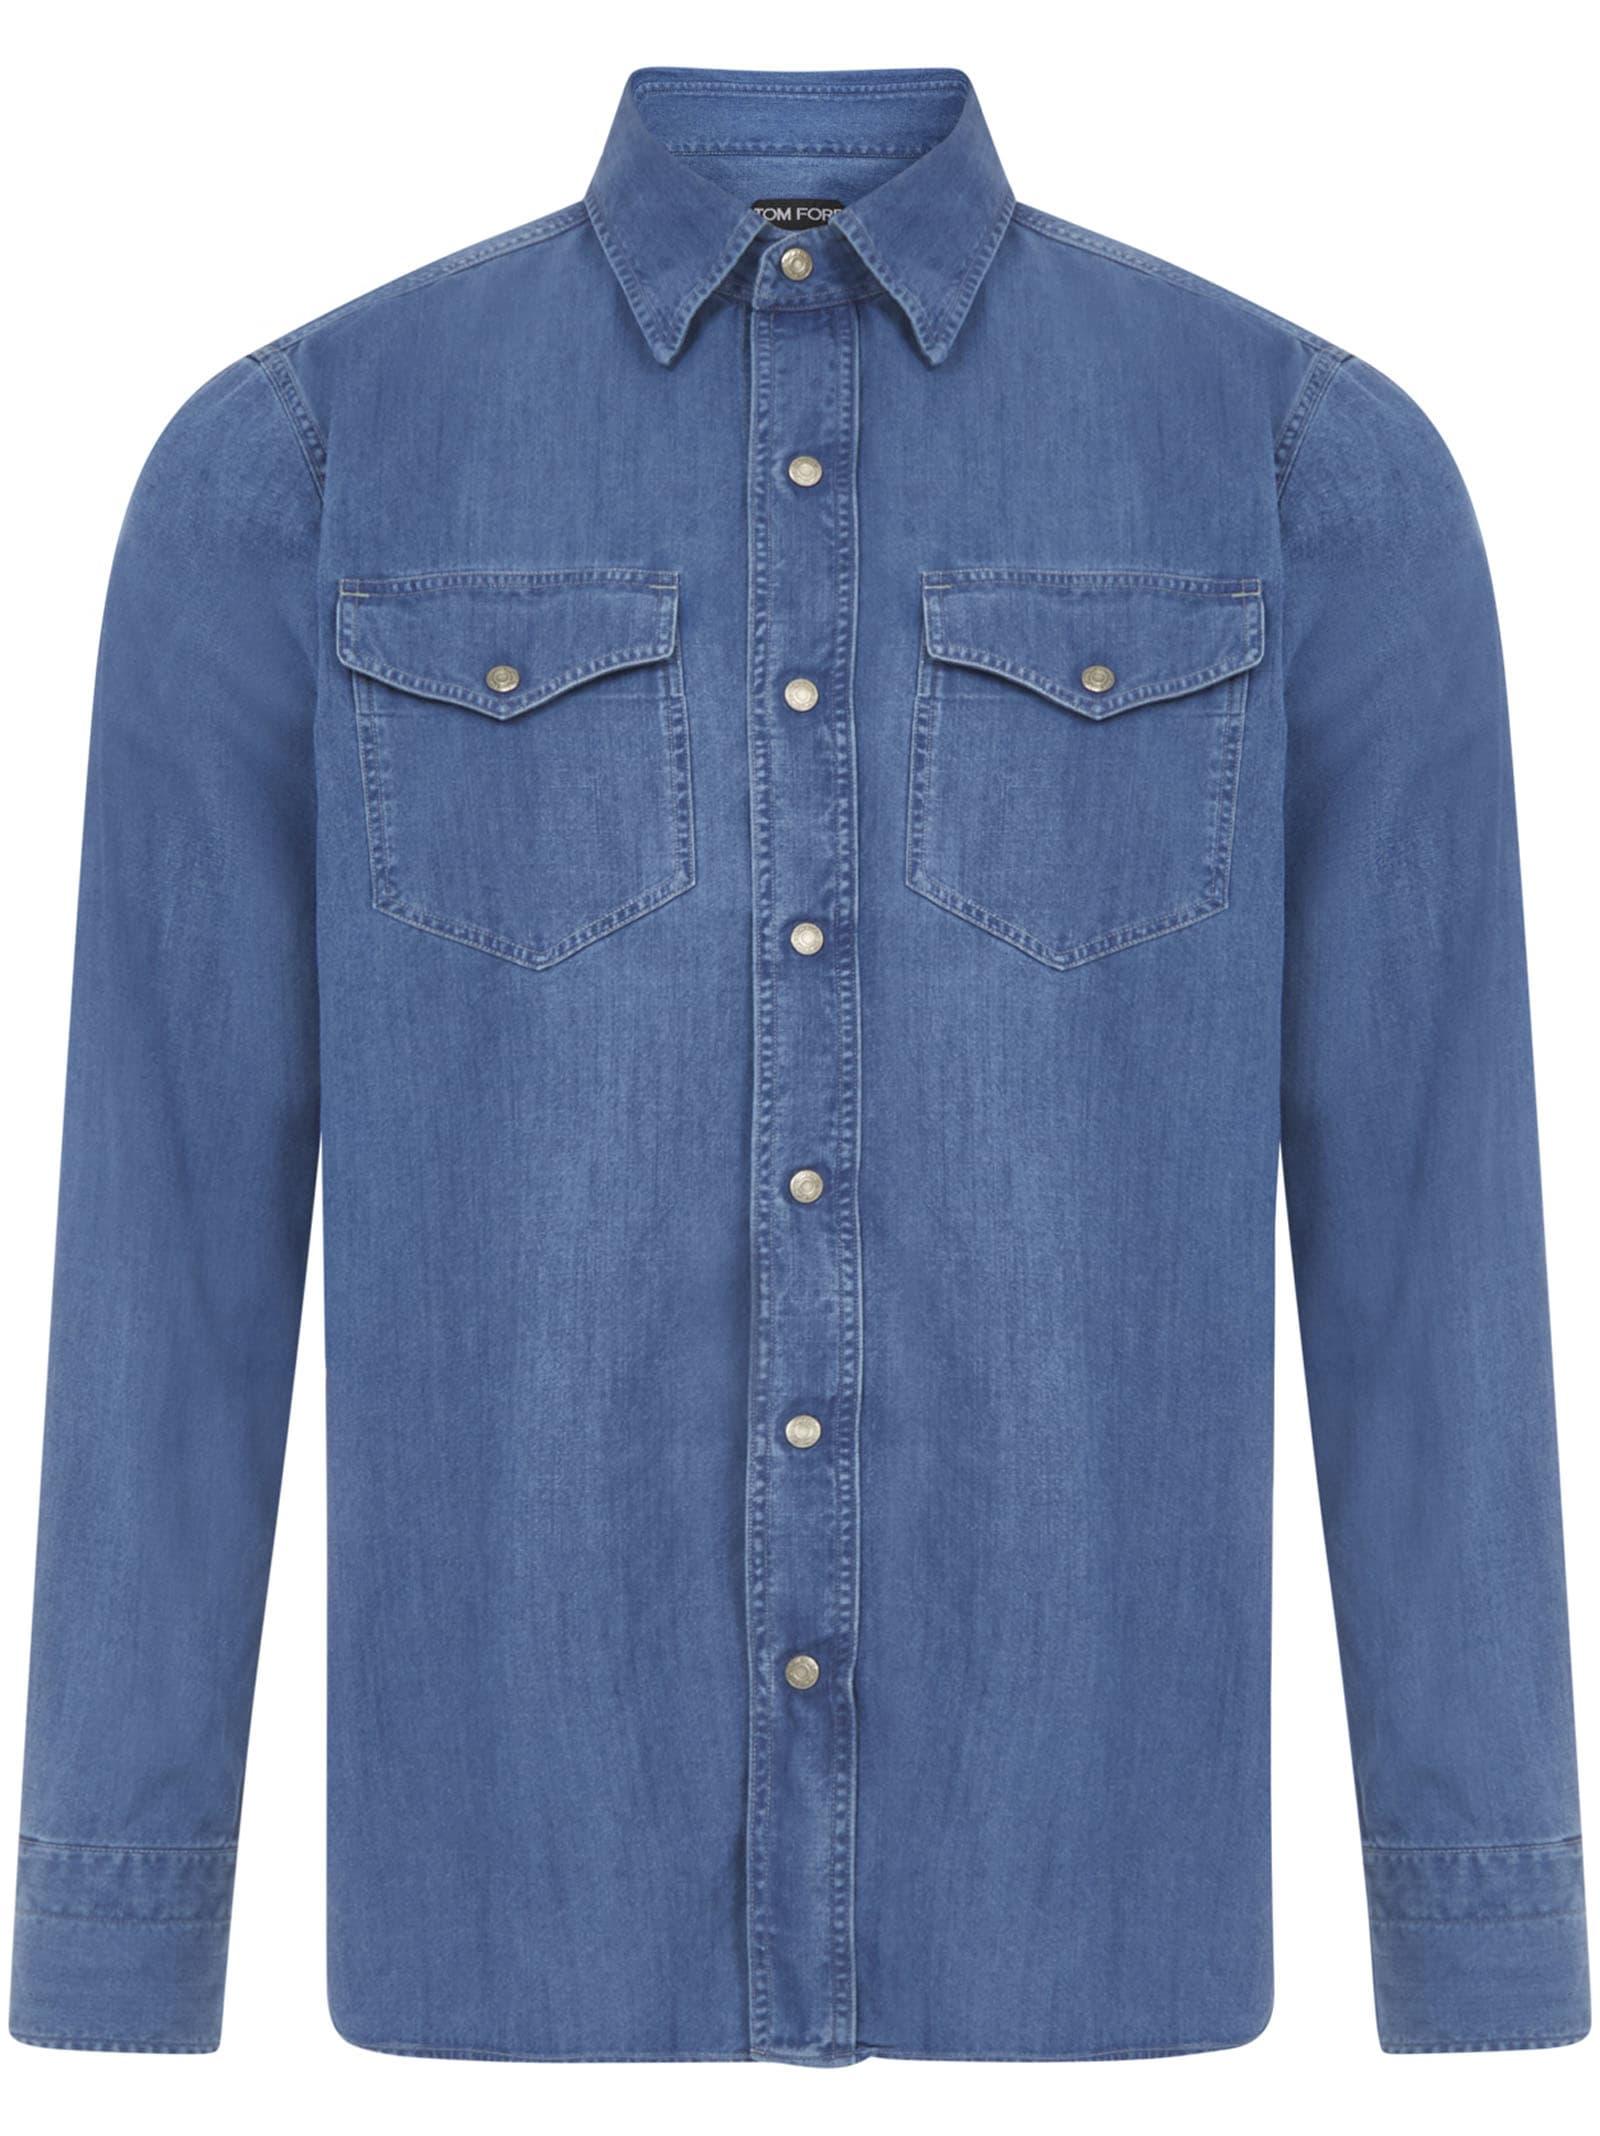 Tom Ford Shirt